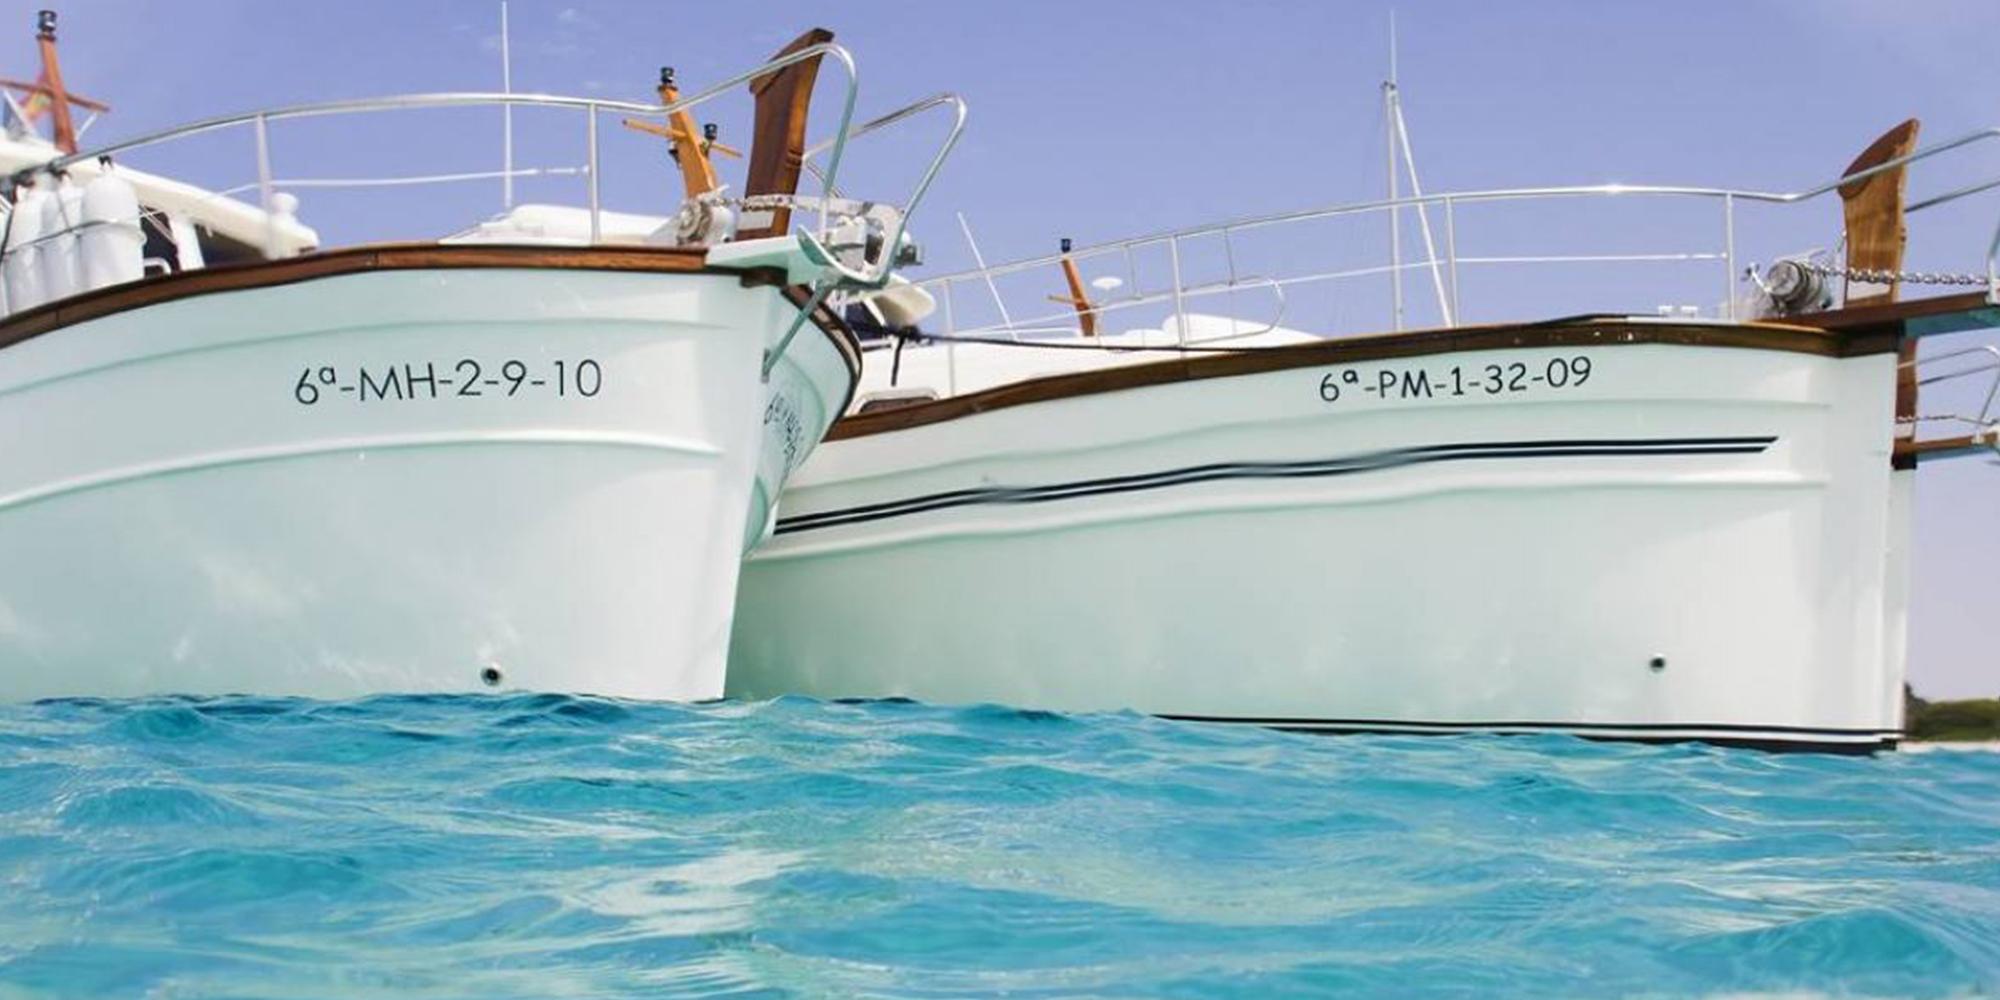 Charter Service Venta Charter Y Alquiler De Barcos En Menorca